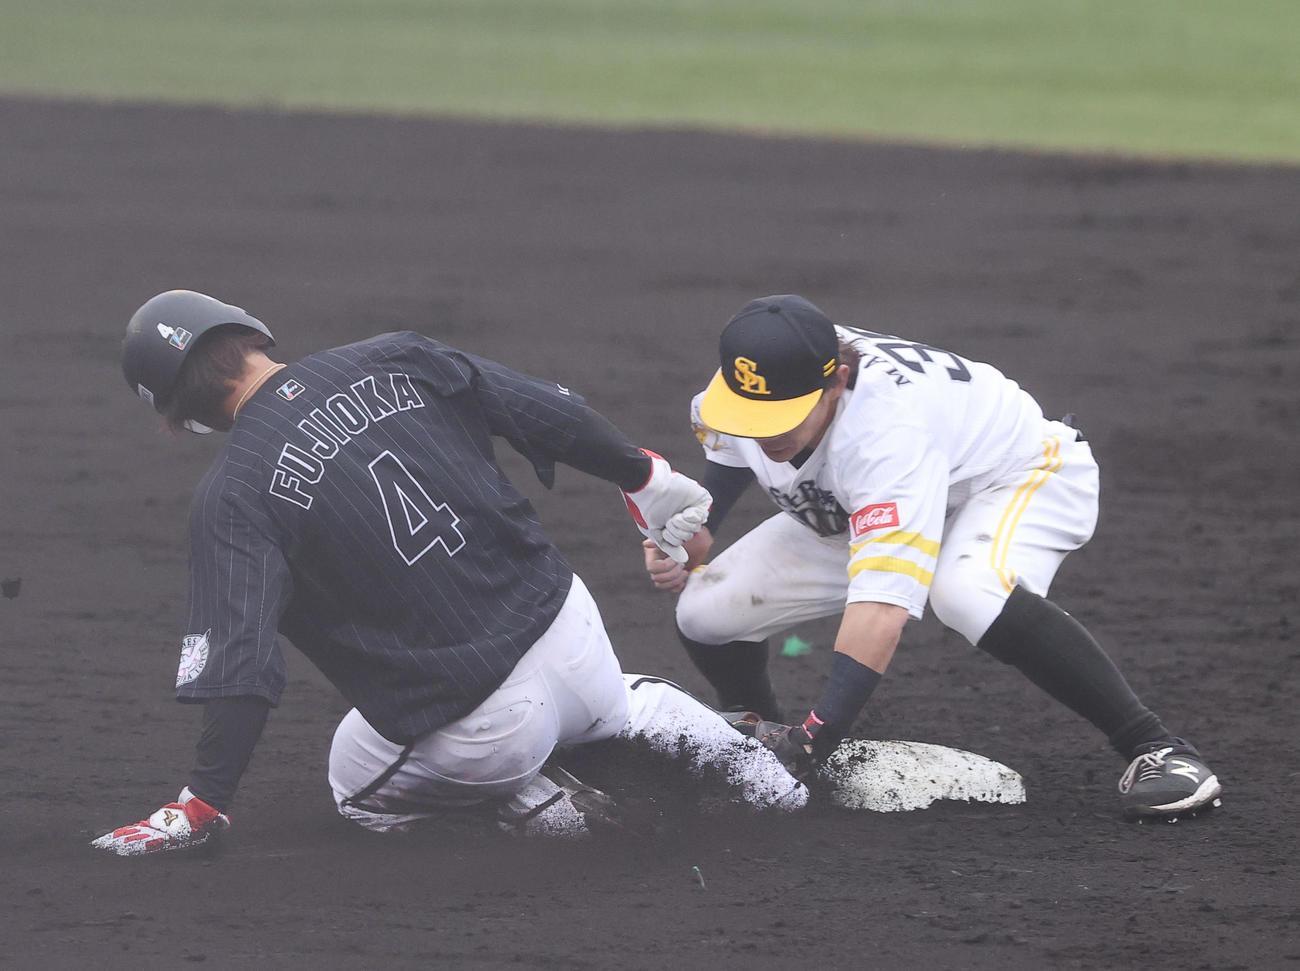 ソフトバンク対ロッテ 4回表ロッテ1死一塁、二盗を狙うも甲斐の送球に刺される藤岡(左)(撮影・垰建太)